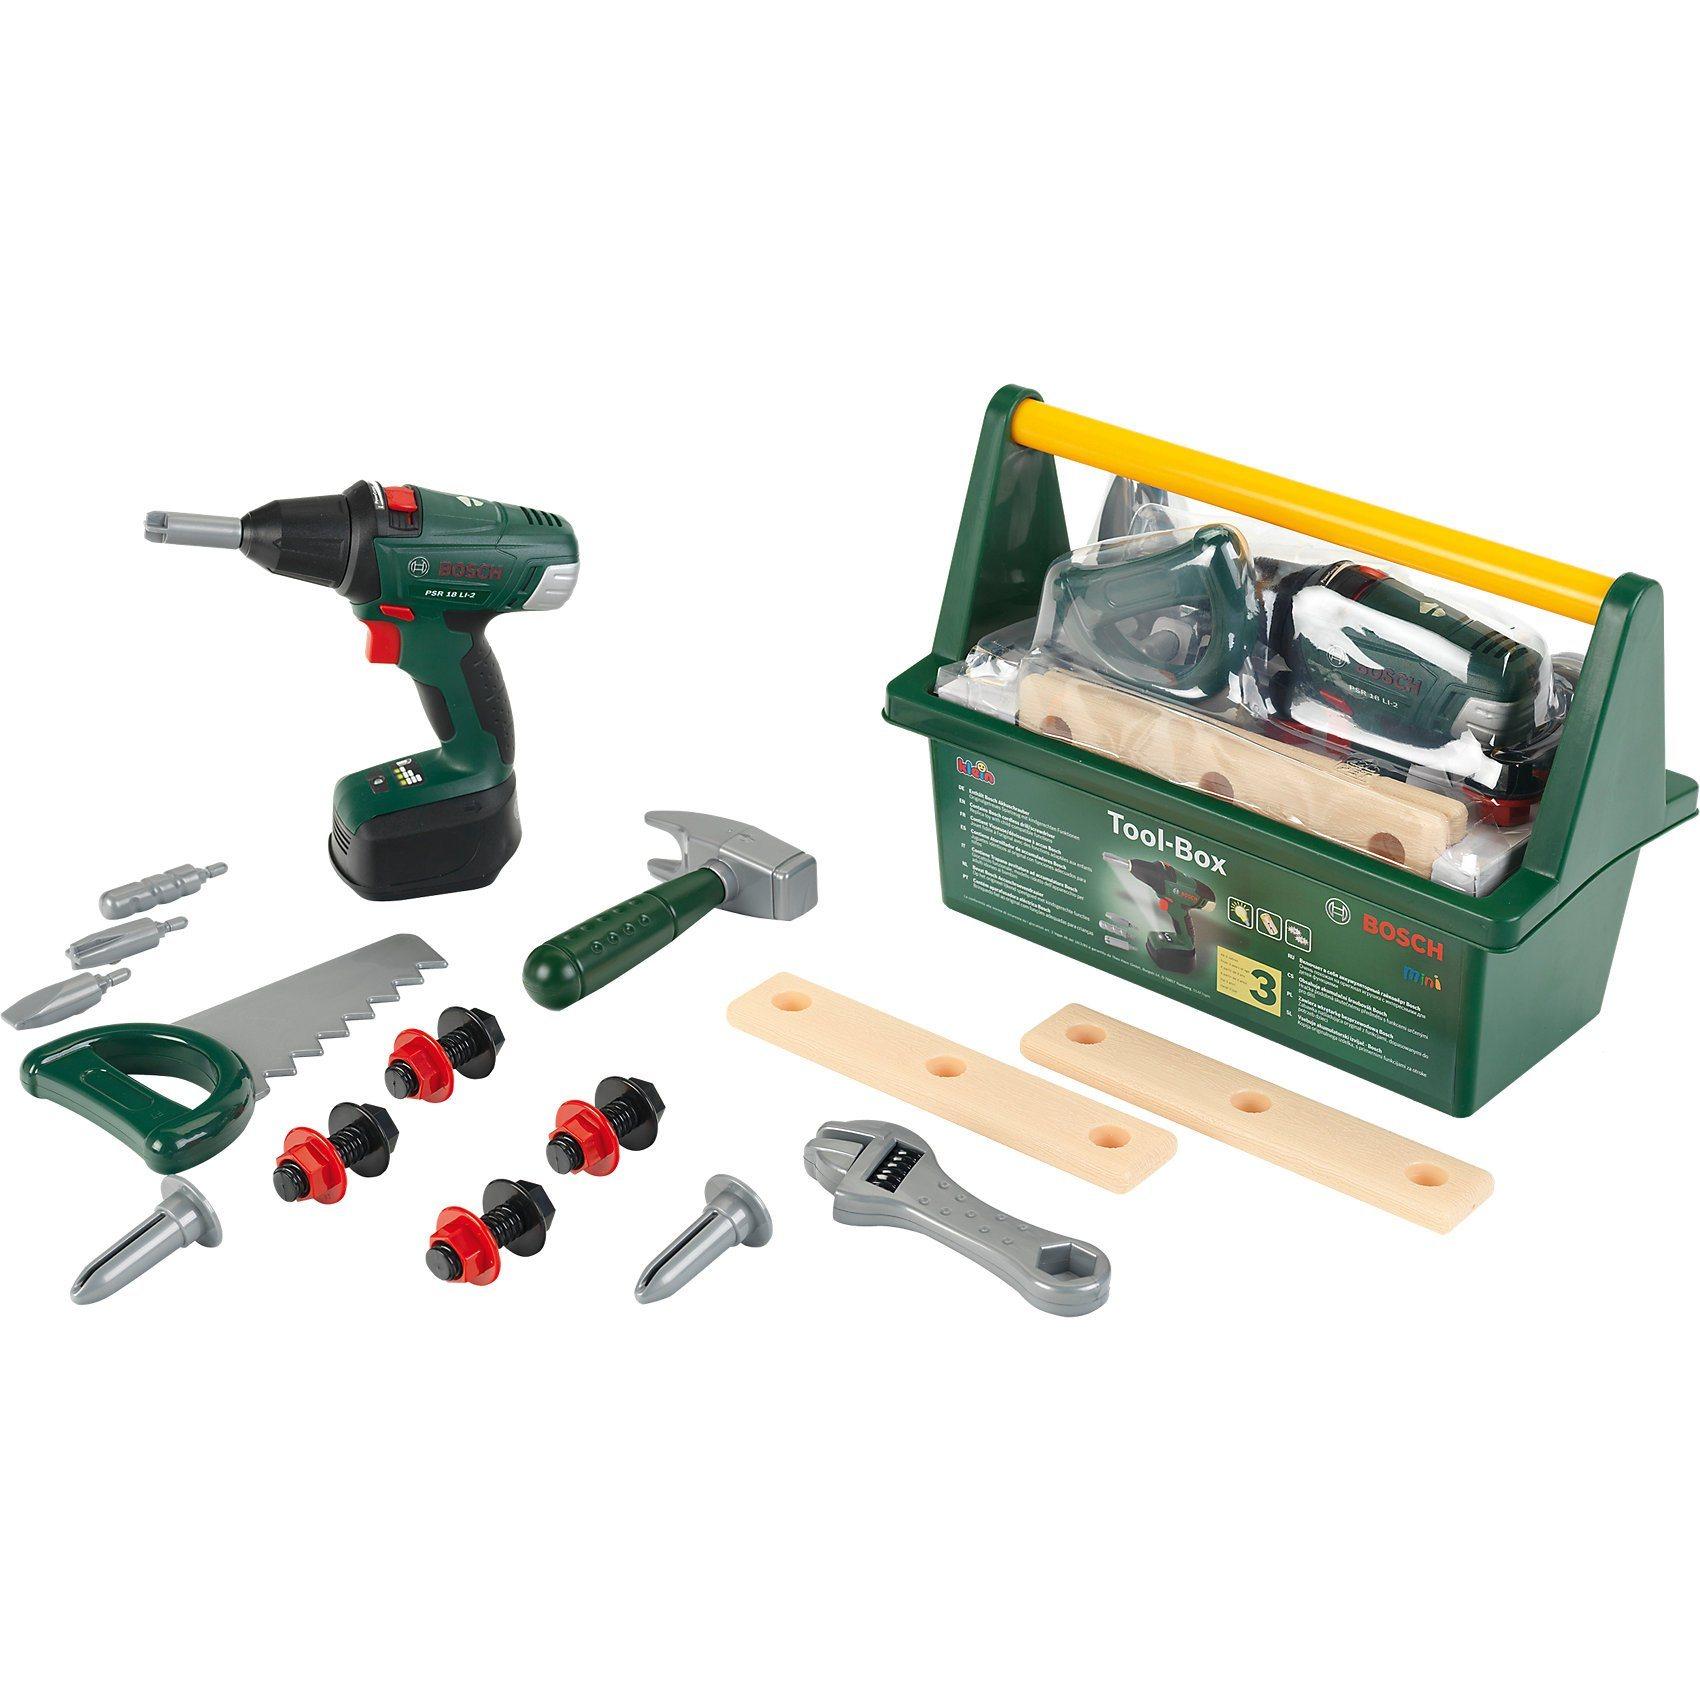 shopthewall | theo klein 8520 bosch tool box mit akkuschrauber